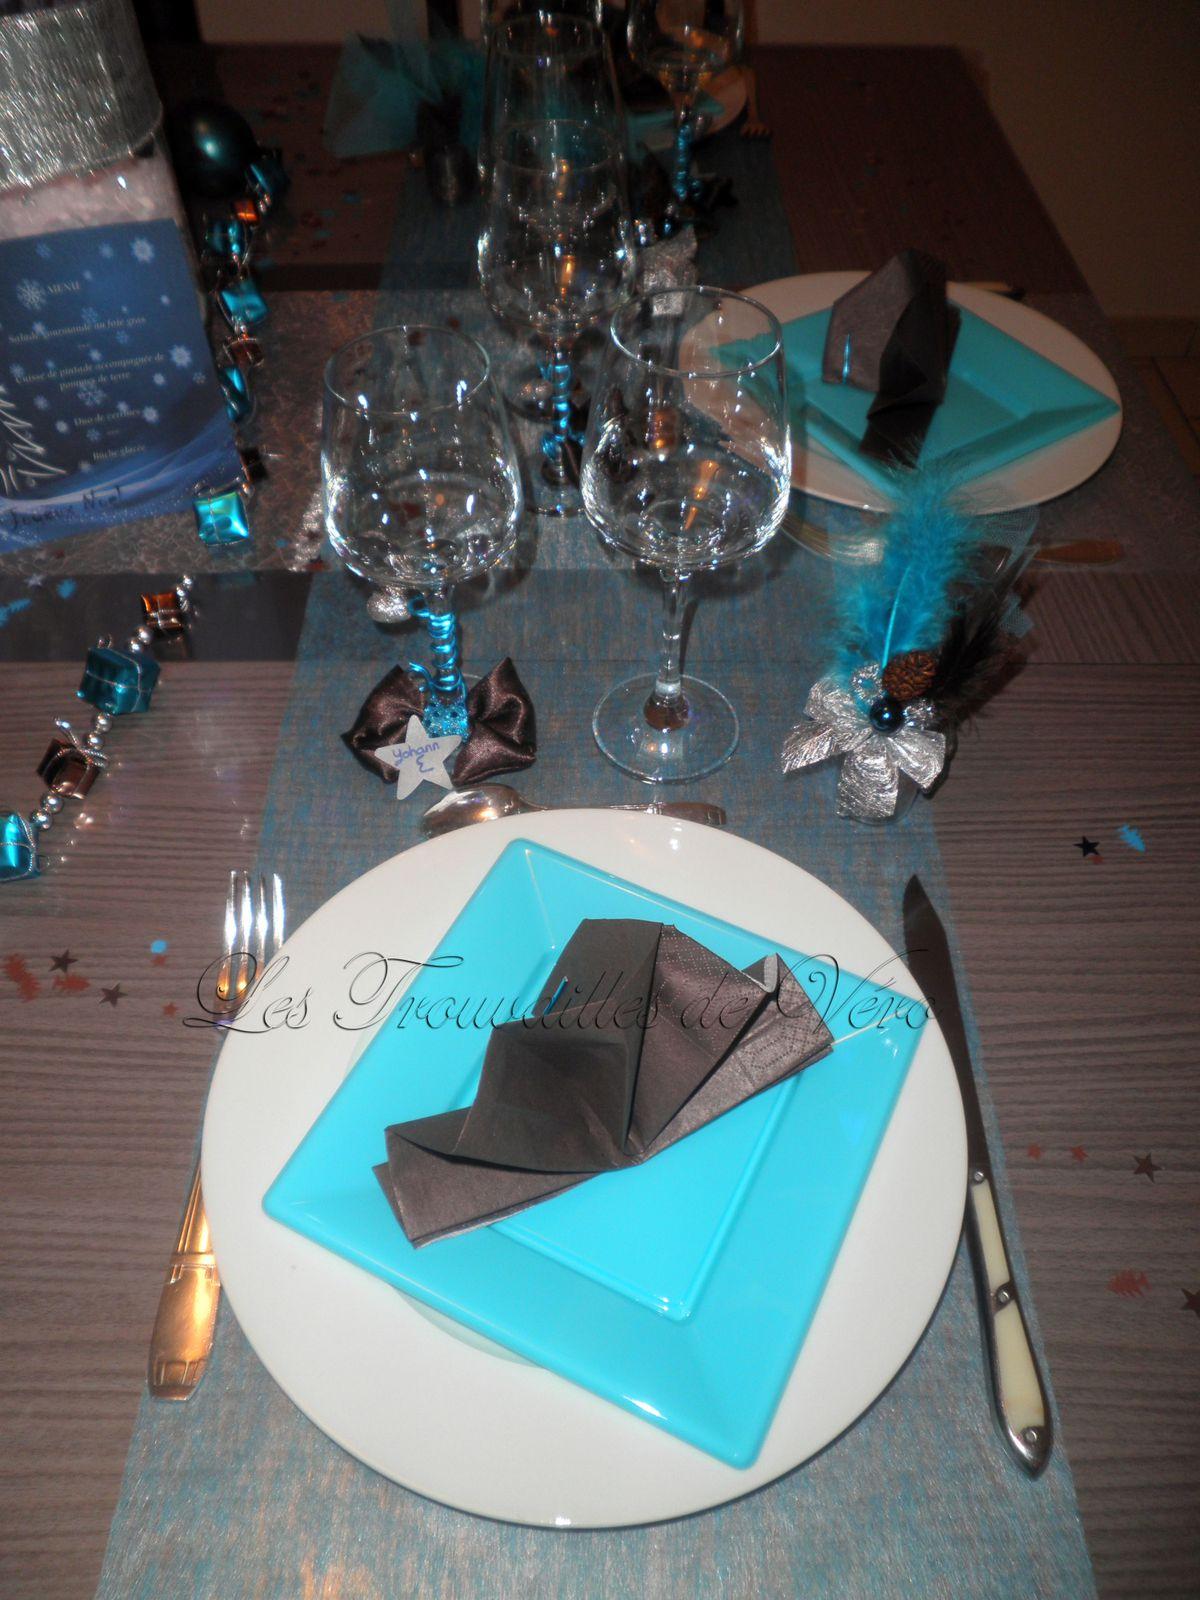 #15A2B6 Déco Table De Fête Marron Et Bleu Le Blog De Les  6205 decoration de table de noel turquoise 1200x1600 px @ aertt.com